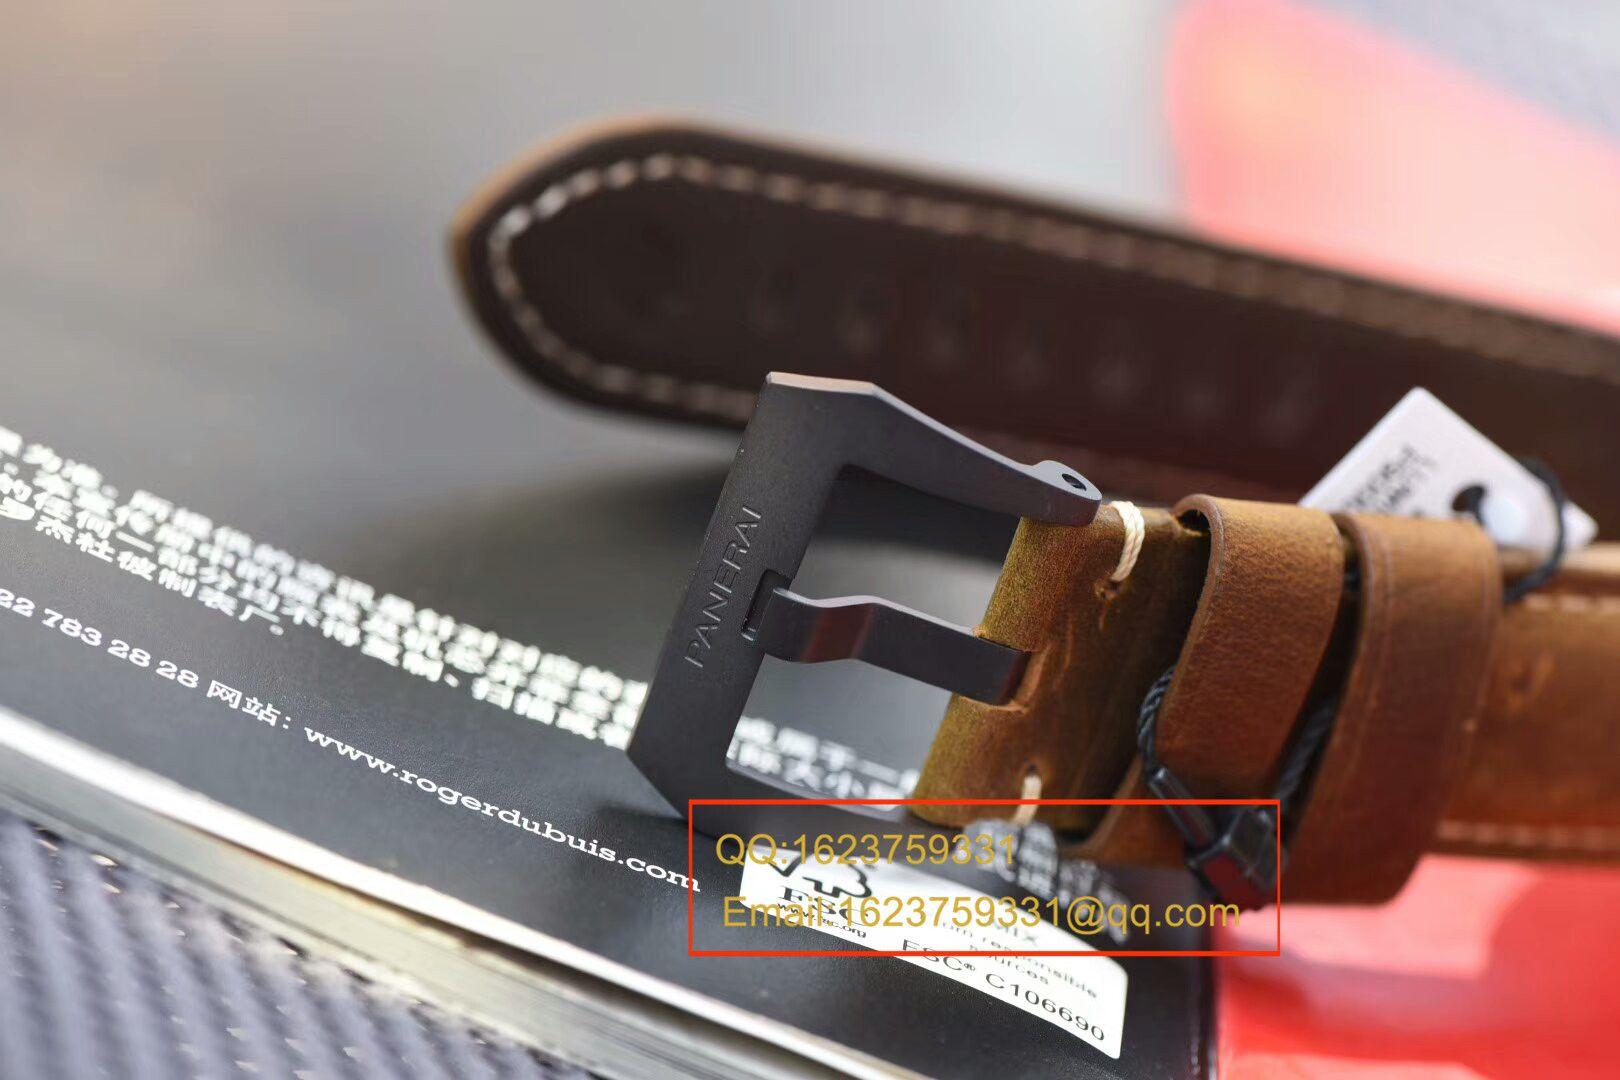 【独家视频测评VS厂复刻手表】沛纳海LUMINOR 1950系列PAM 00386腕表 / VSPAMBB00386